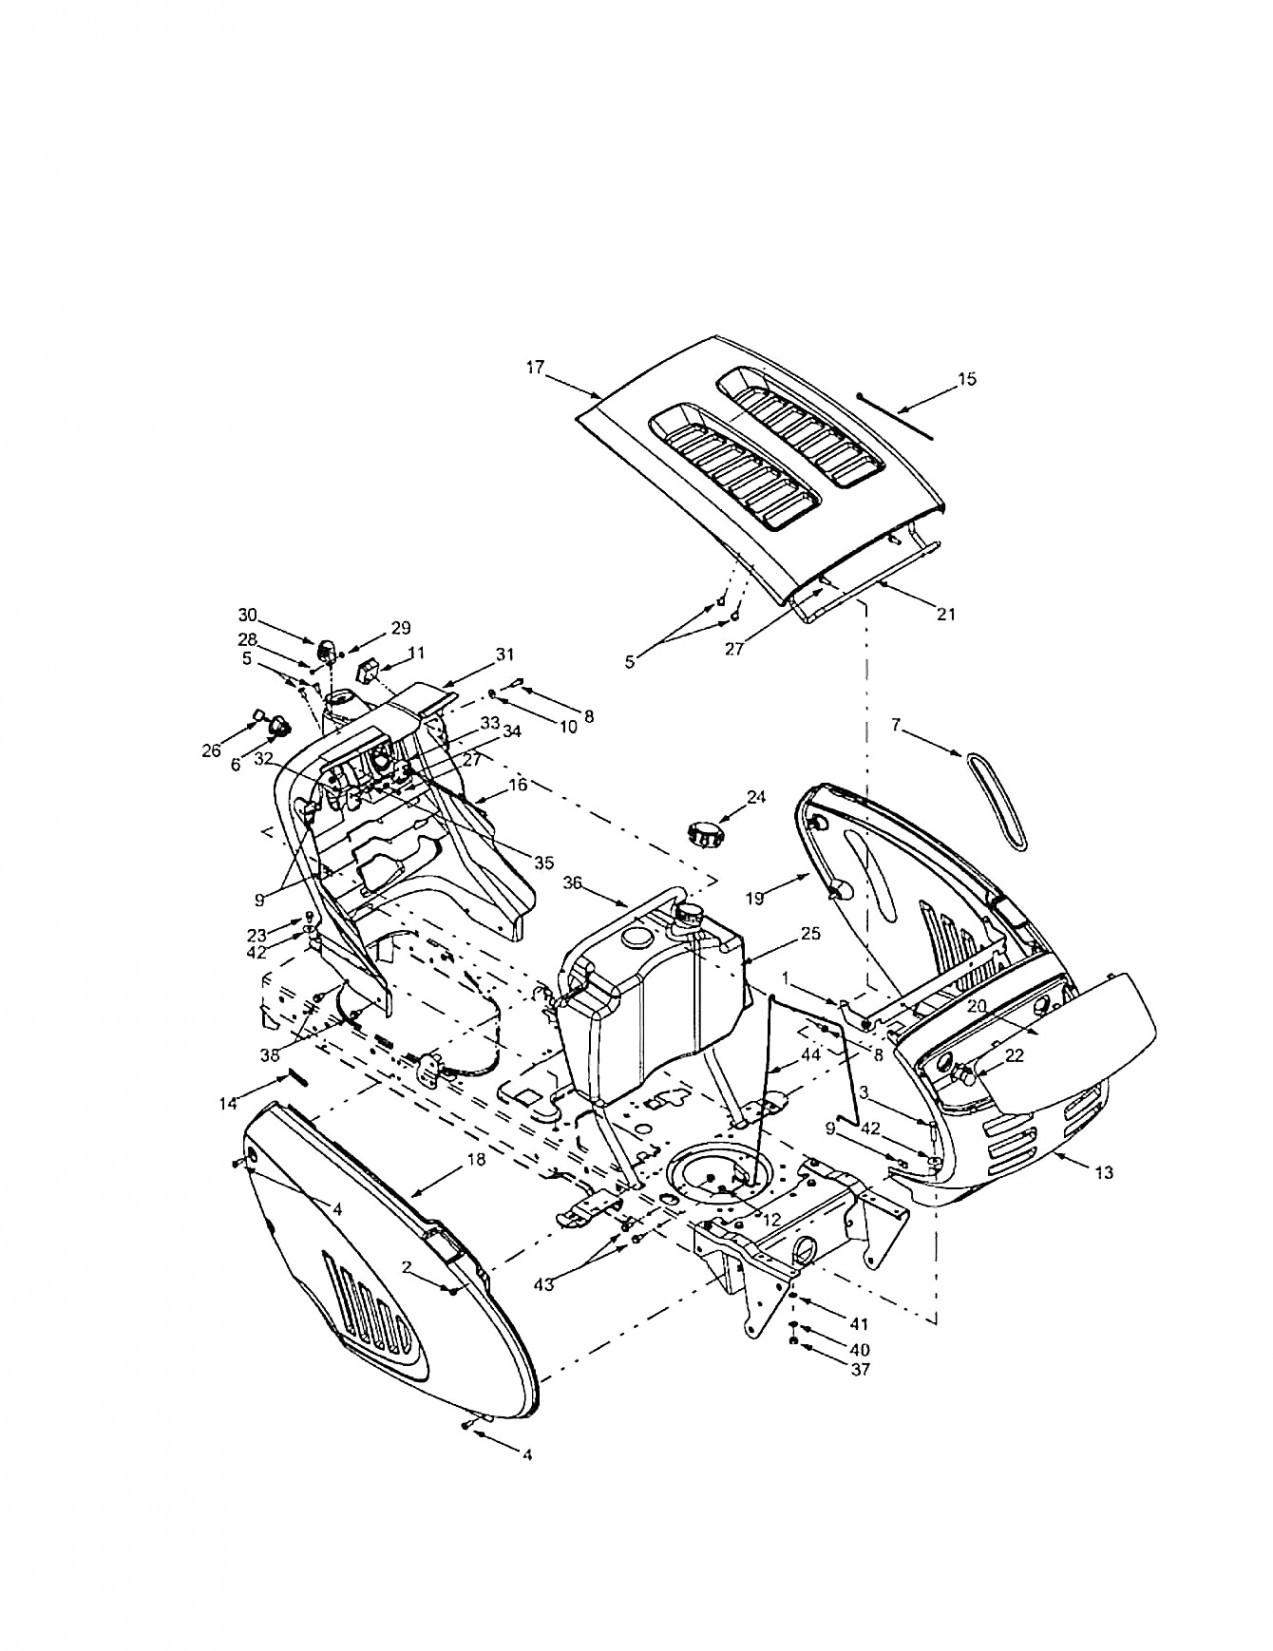 on tb2246 troy bilt lawn tractor wiring diagram